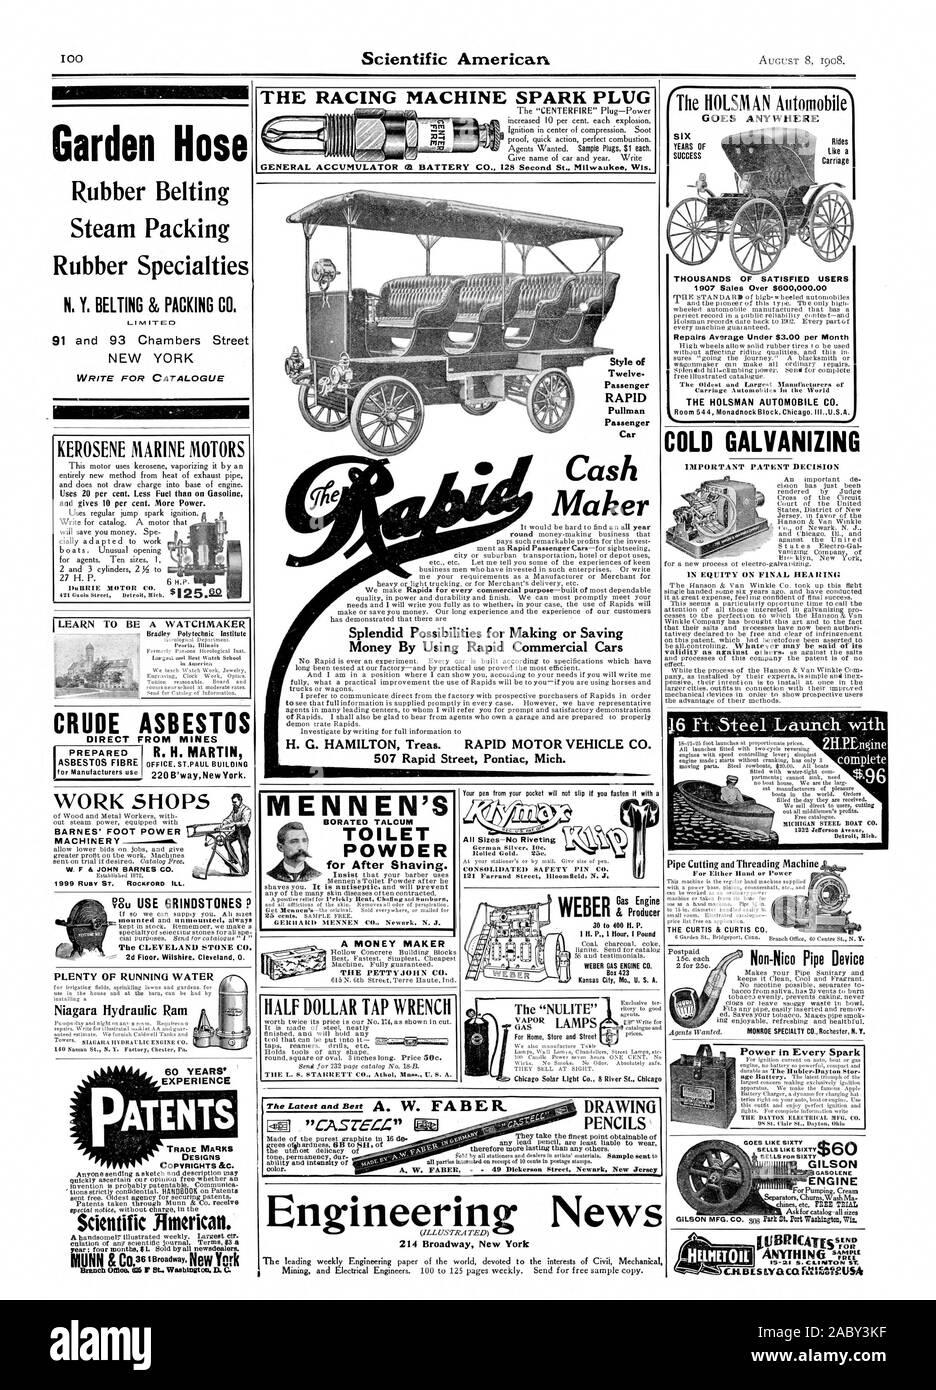 Talleres MAQUINARIA W. F DT JOHN BARNES CO. % 2d piso. Wilshire. Cleveland 0. Mucha AGUA CORRIENTE EL PETTYJOHN CO. miles de usuarios satisfechos en 1907 las ventas de más de $600000.00 Reparaciones bajo promedio de $3.00 por mes los automóviles HOLSMAN CO. EL CURTIS CURTIS & CO. un relojero manguera de jardín Goma Embalaje vapor especialidades de caucho N. Y. el correaje 86 C de embalaje para el catálogo de escritura y da 10%. Más potencia. Crudo directamente desde las minas de asbesto R. H. MARTIN OFFICE. ST.Paul construcción de 60 años de experiencia diseña COPYRIGHTS &C. Científicos de borato de MENNEN Jimerican() WC de talco en polvo para Foto de stock